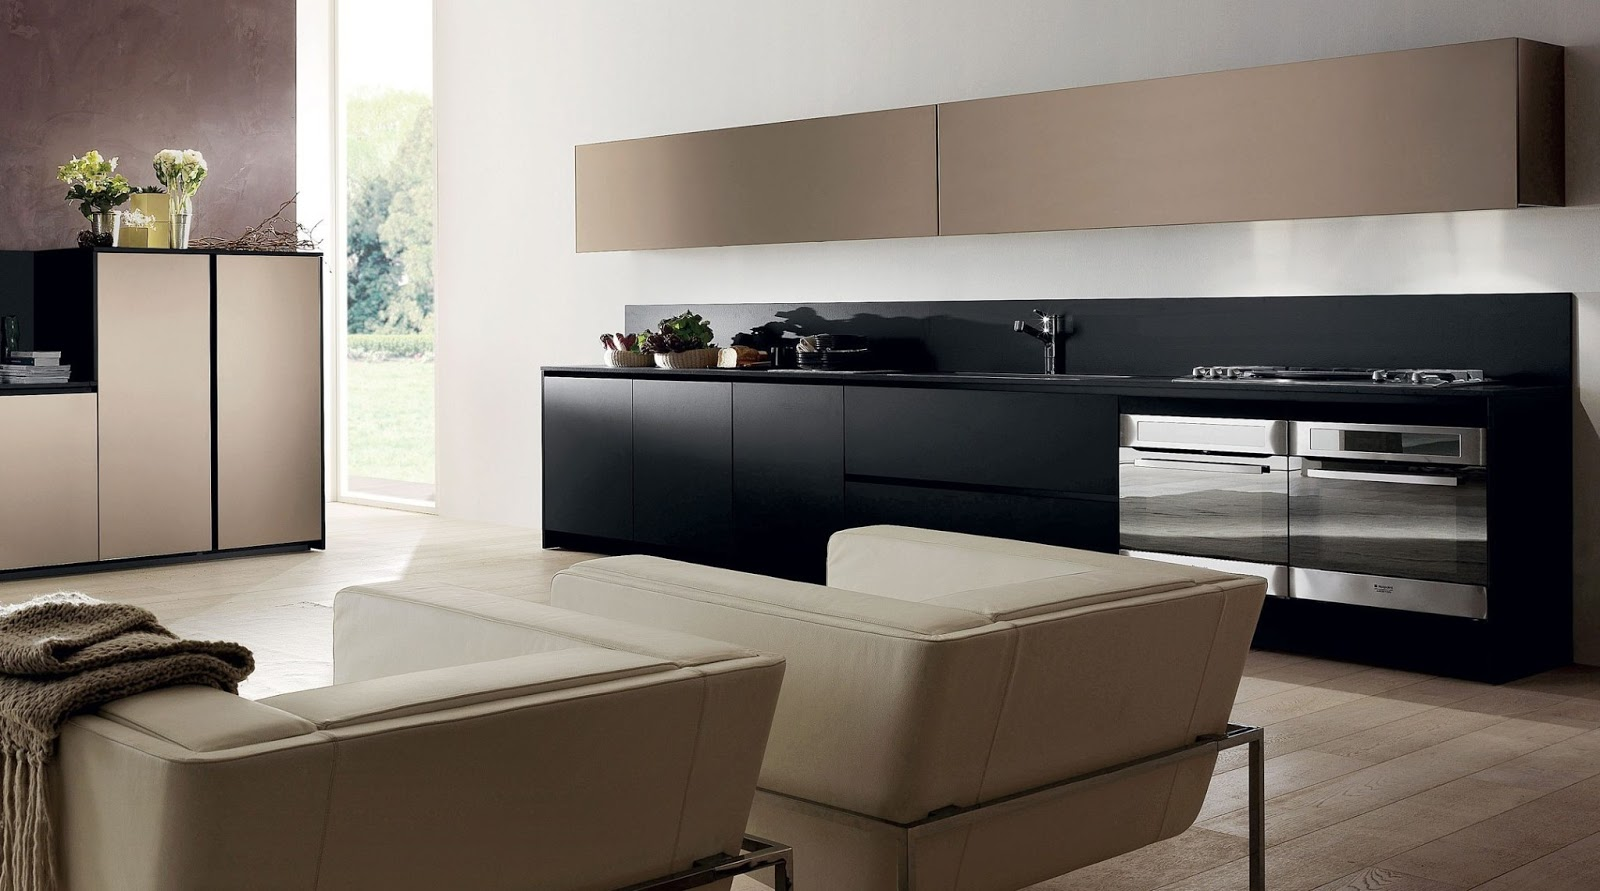 Elegancia en la cocina arcomobel - Cocina encimera negra ...